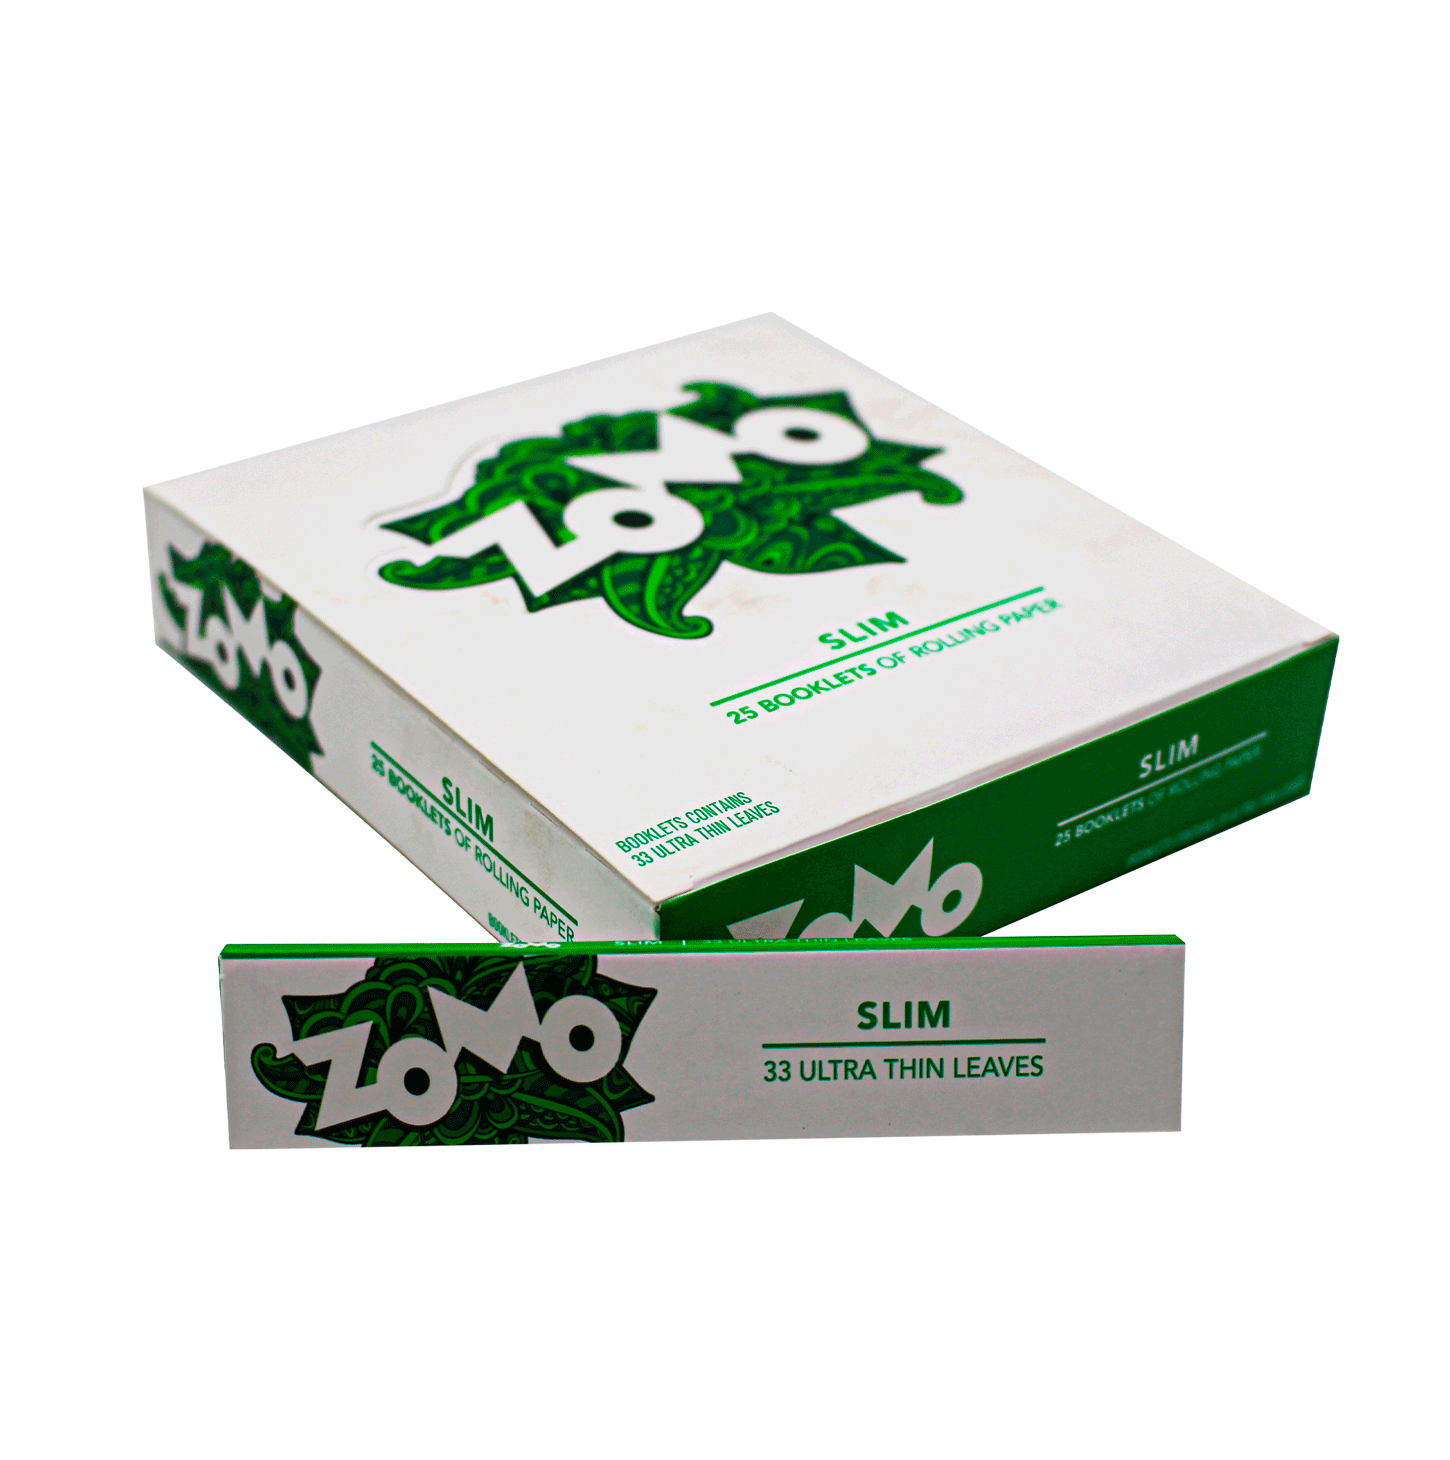 SEDA ZOMO KING SLIM ULTRA THIN LEAVES 108X36M (Un)